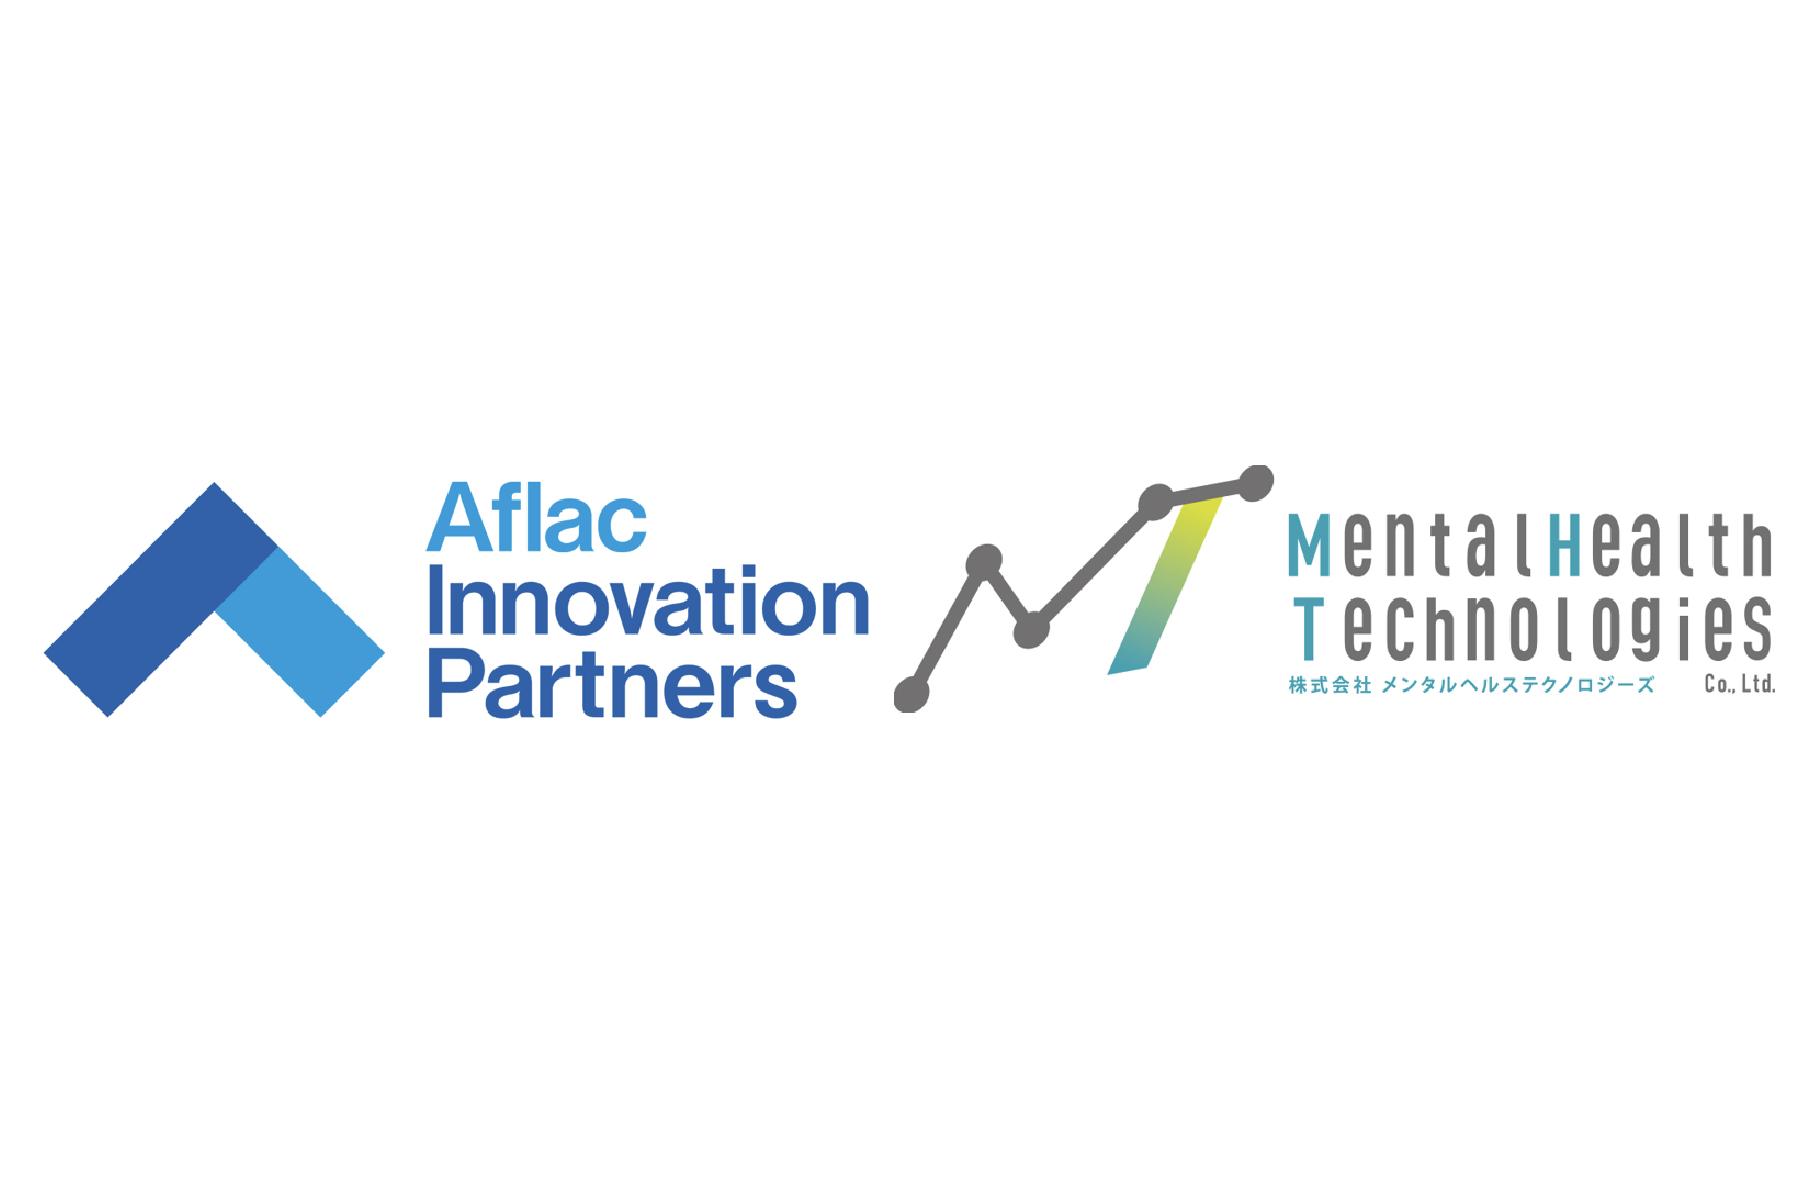 アフラック・イノベーション・パートナーズ、企業のメンタルヘルス課題をクラウドサービスで解決するメンタルヘルステクノロジーズに出資